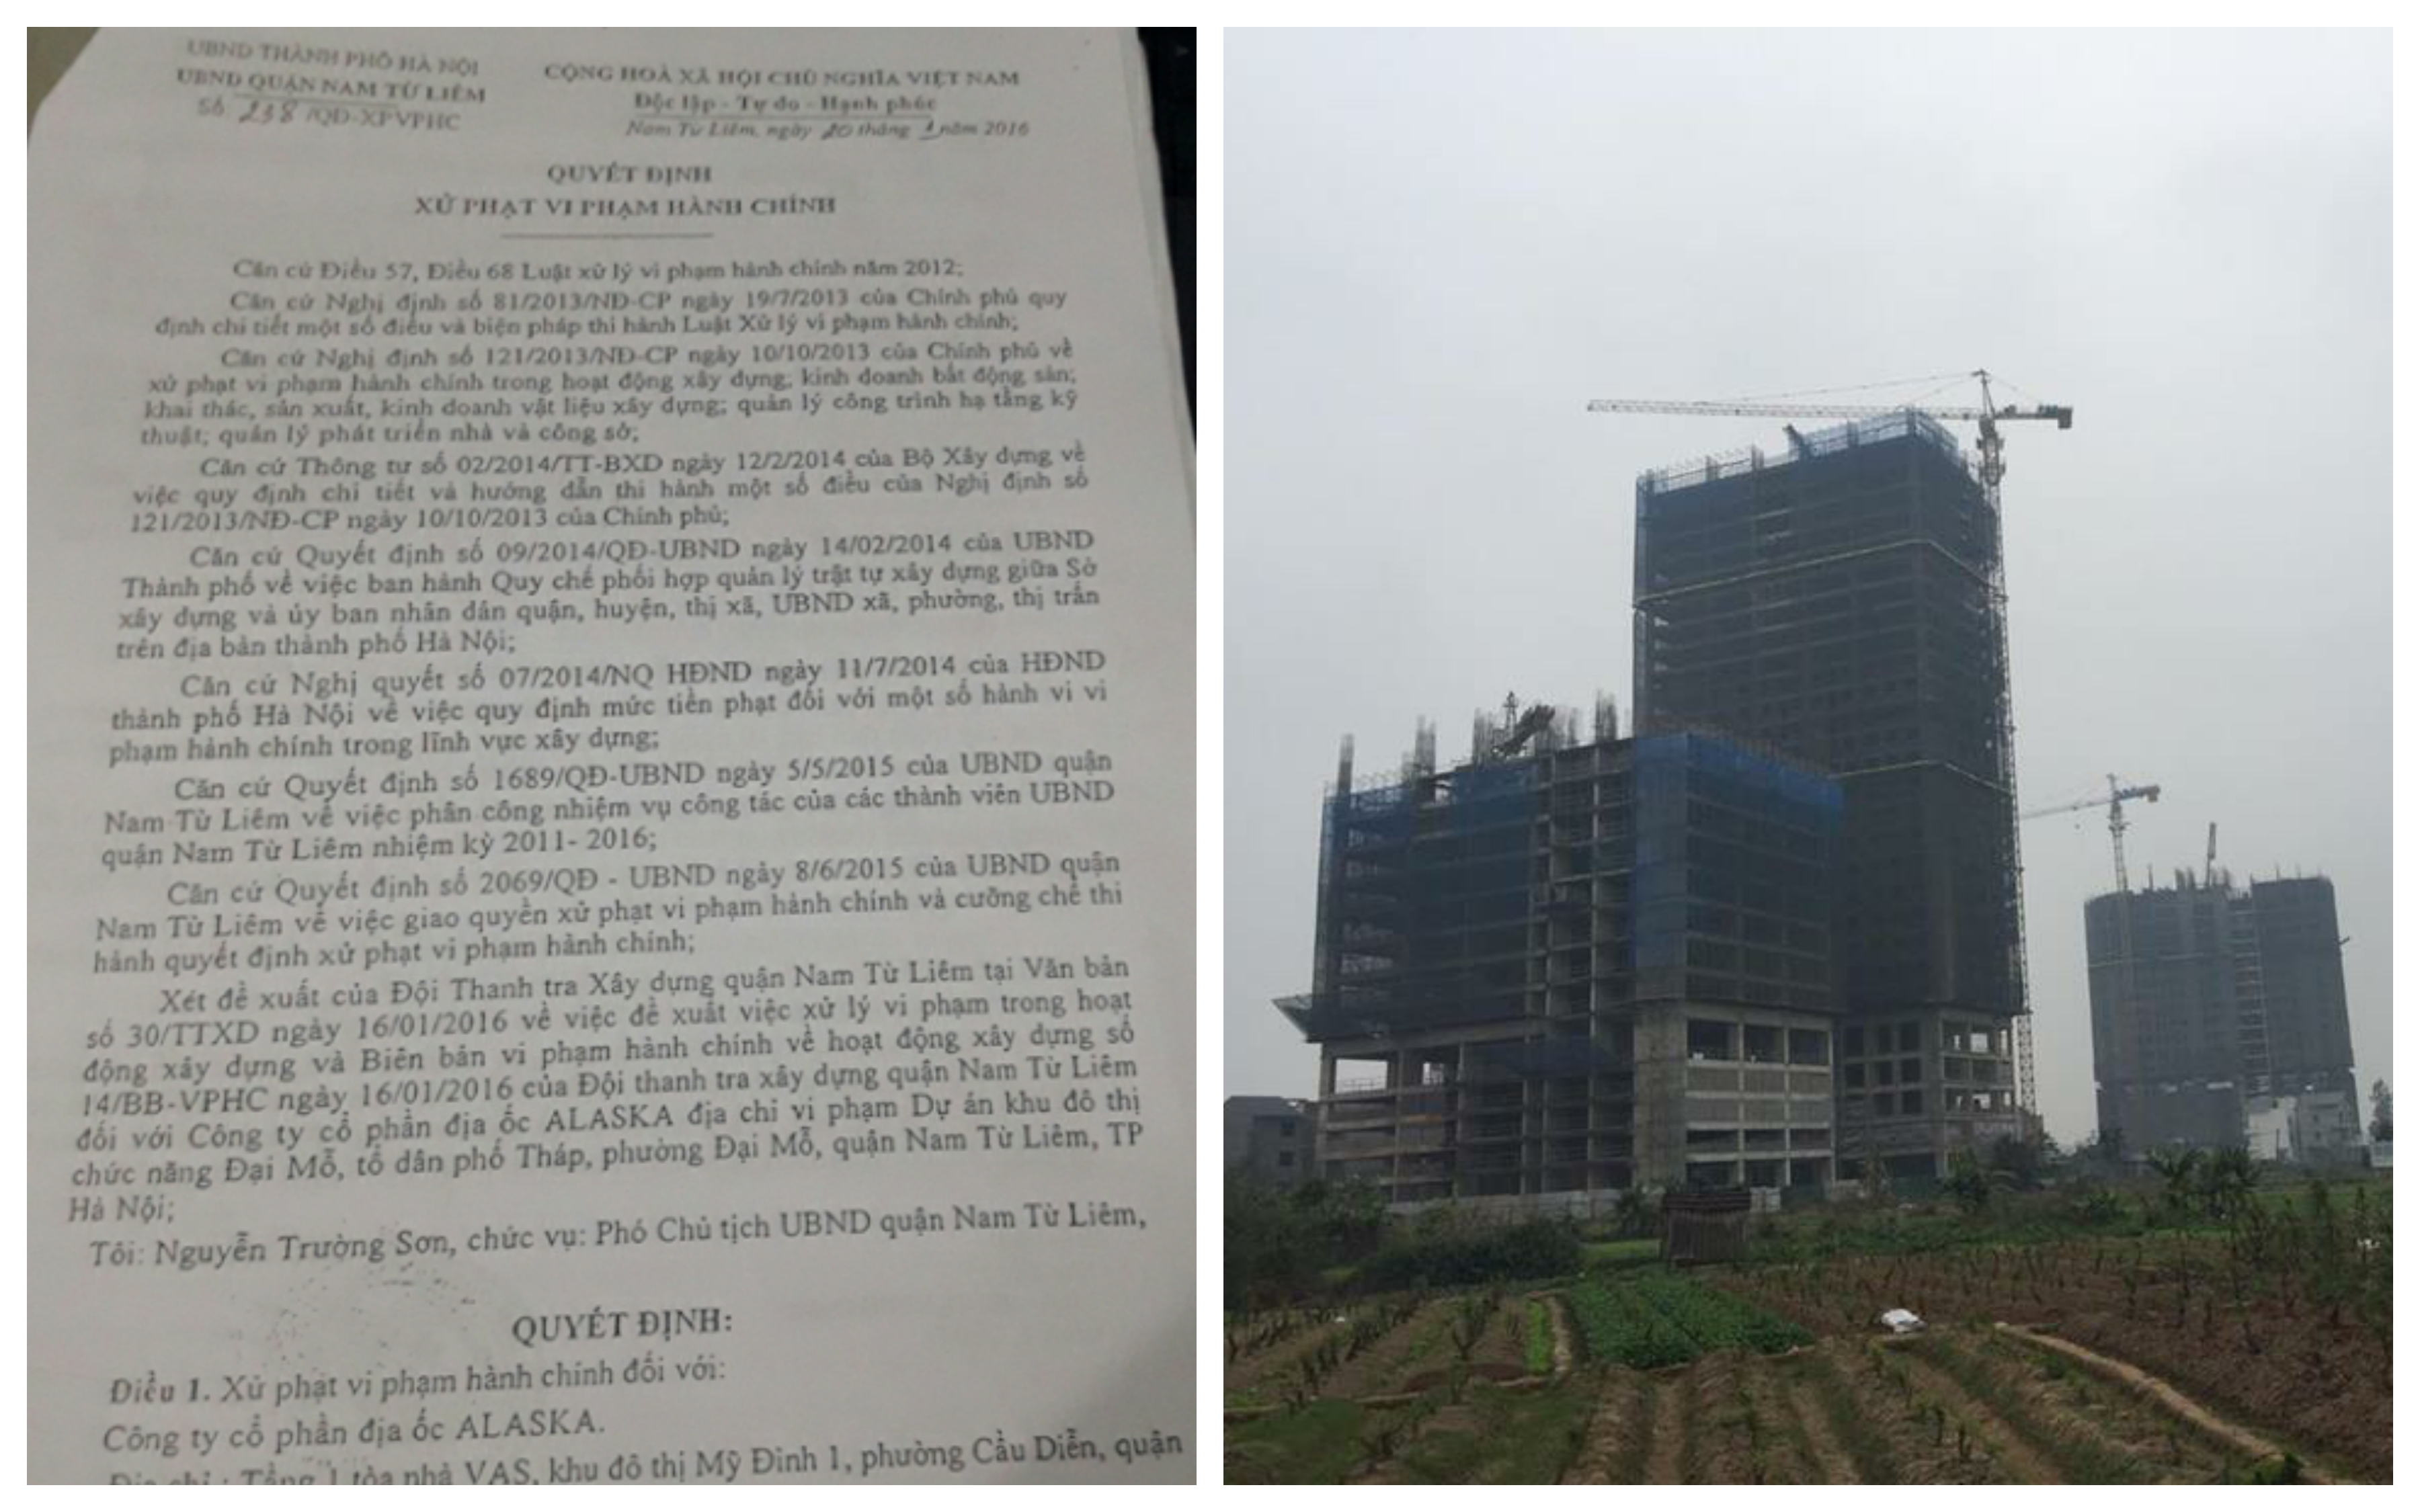 6 tháng đầu năm 2017, Thanh tra Sở Xây dựng Hà Nội ban hành 940 quyết định xử phạt vi phạm